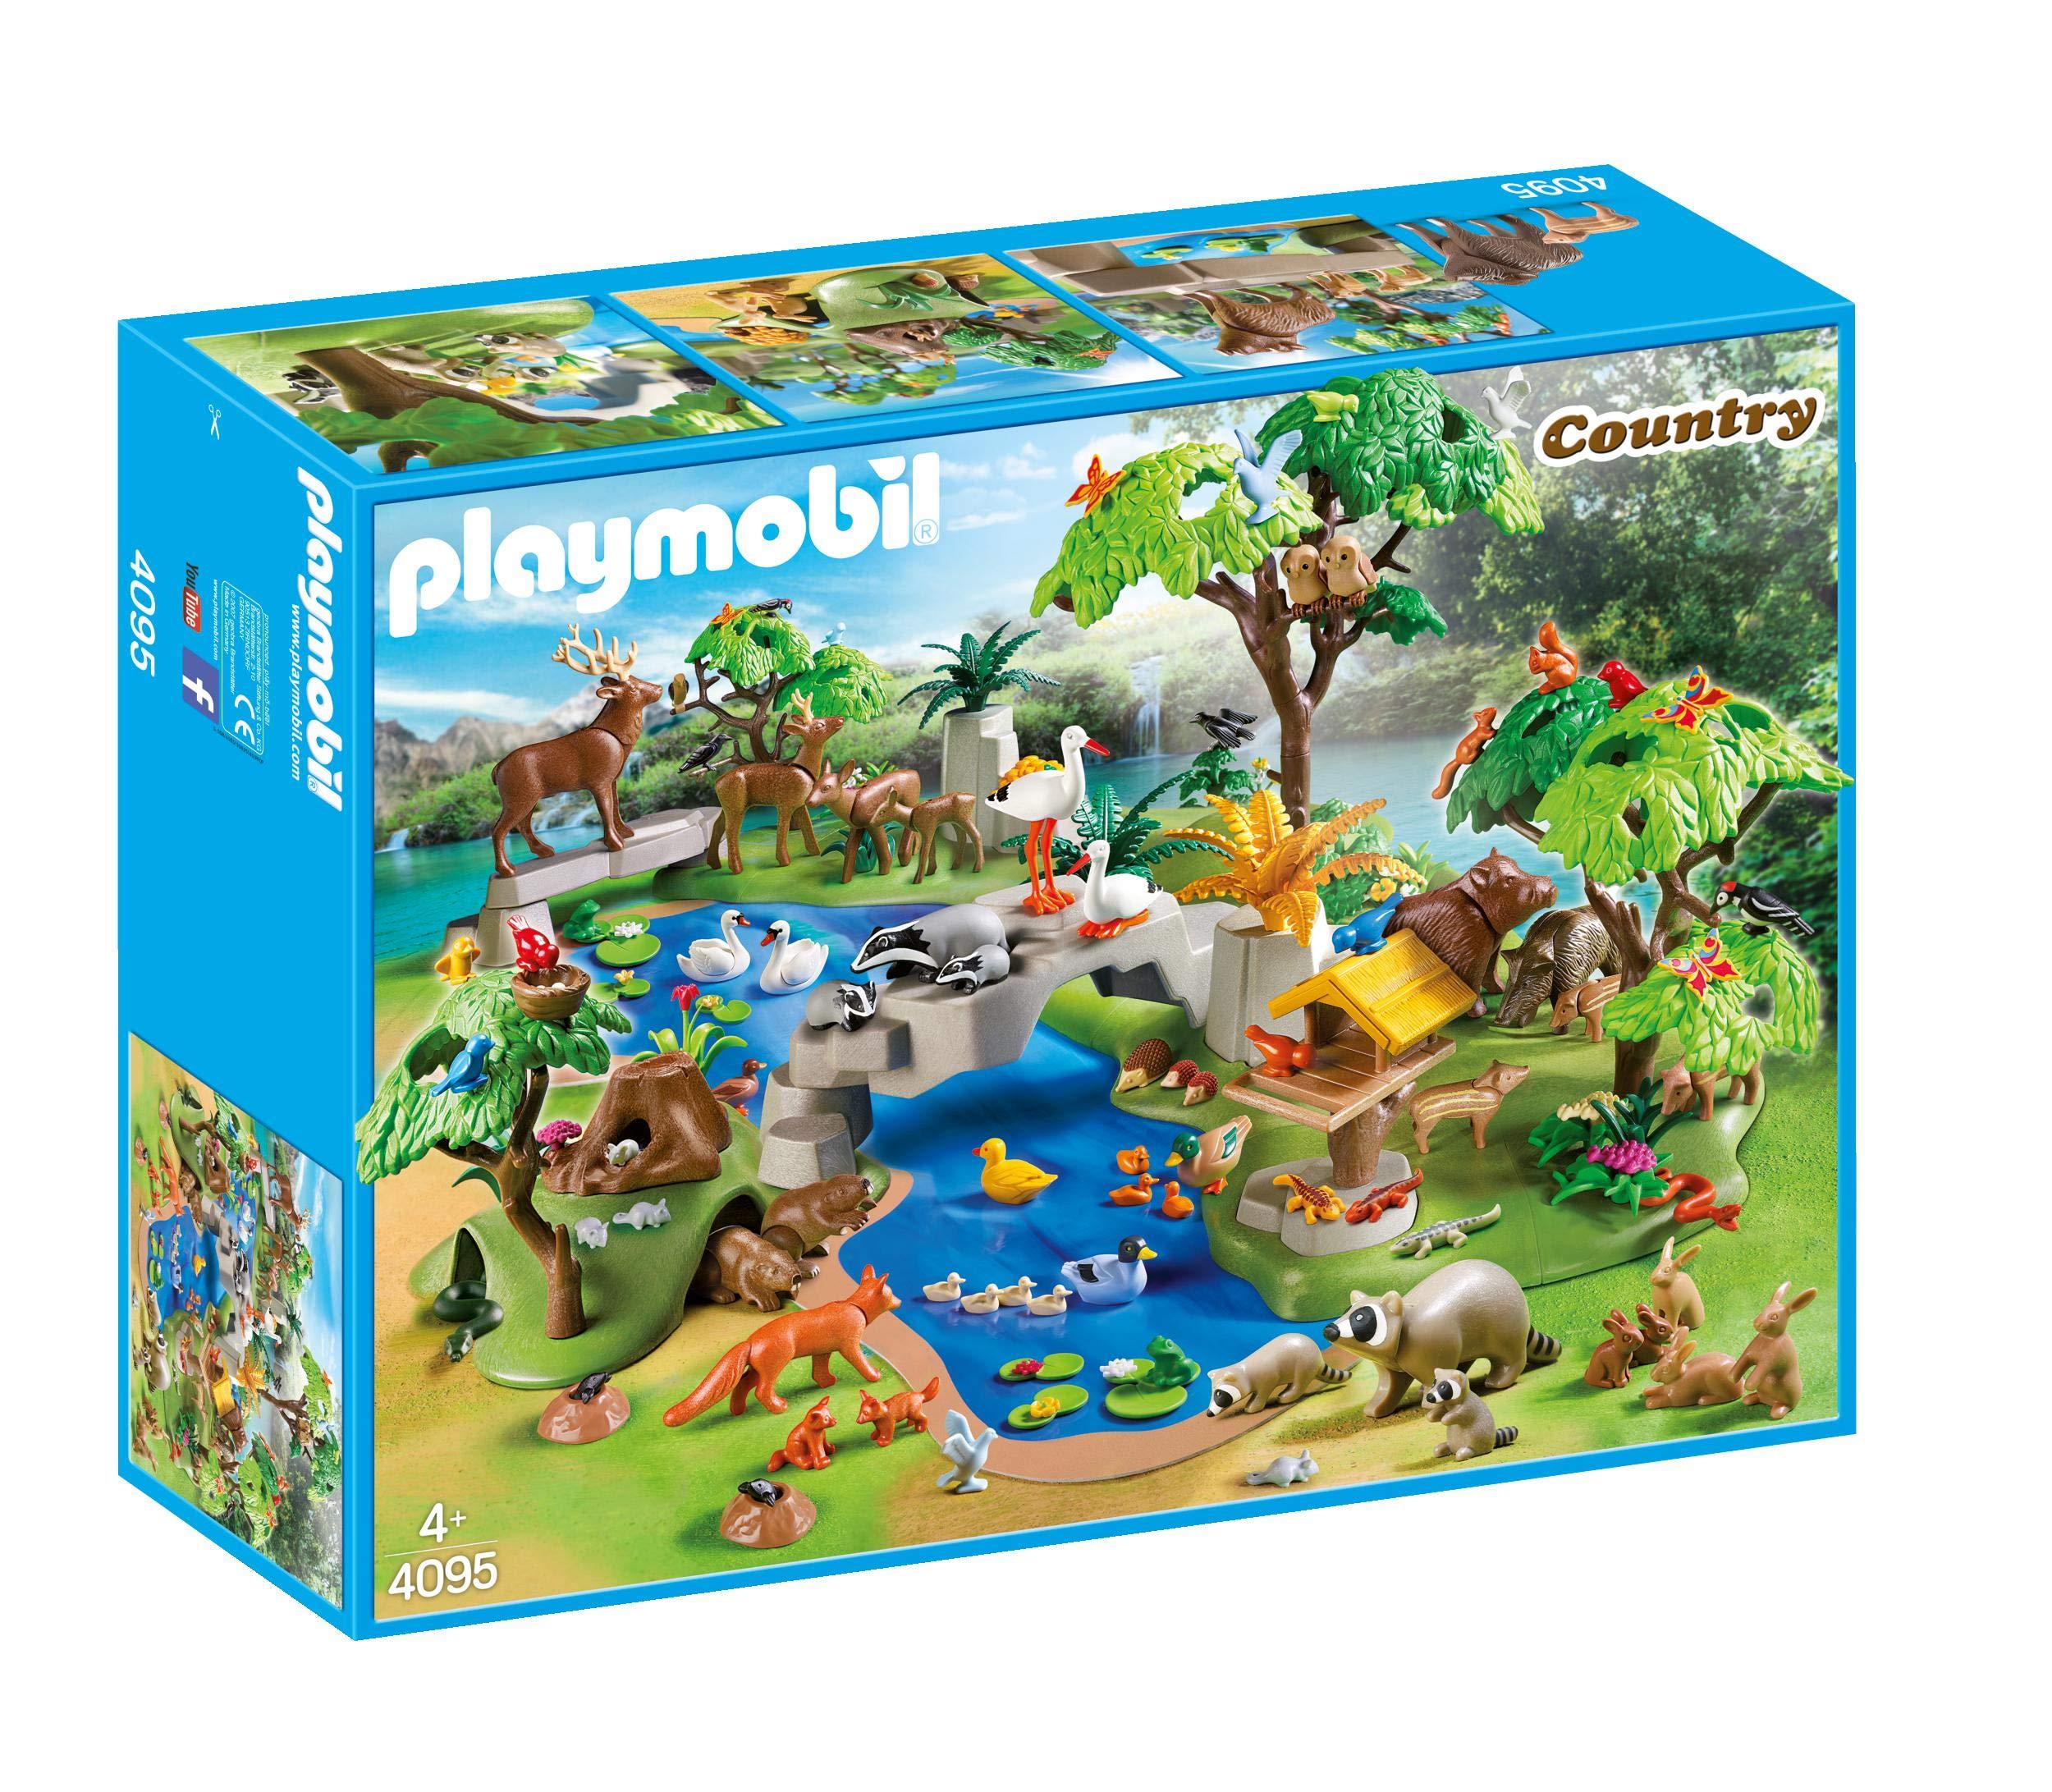 PLAYMOBIL- Juguete, Multicolor, única (geobra Brandstätter 4095 ...